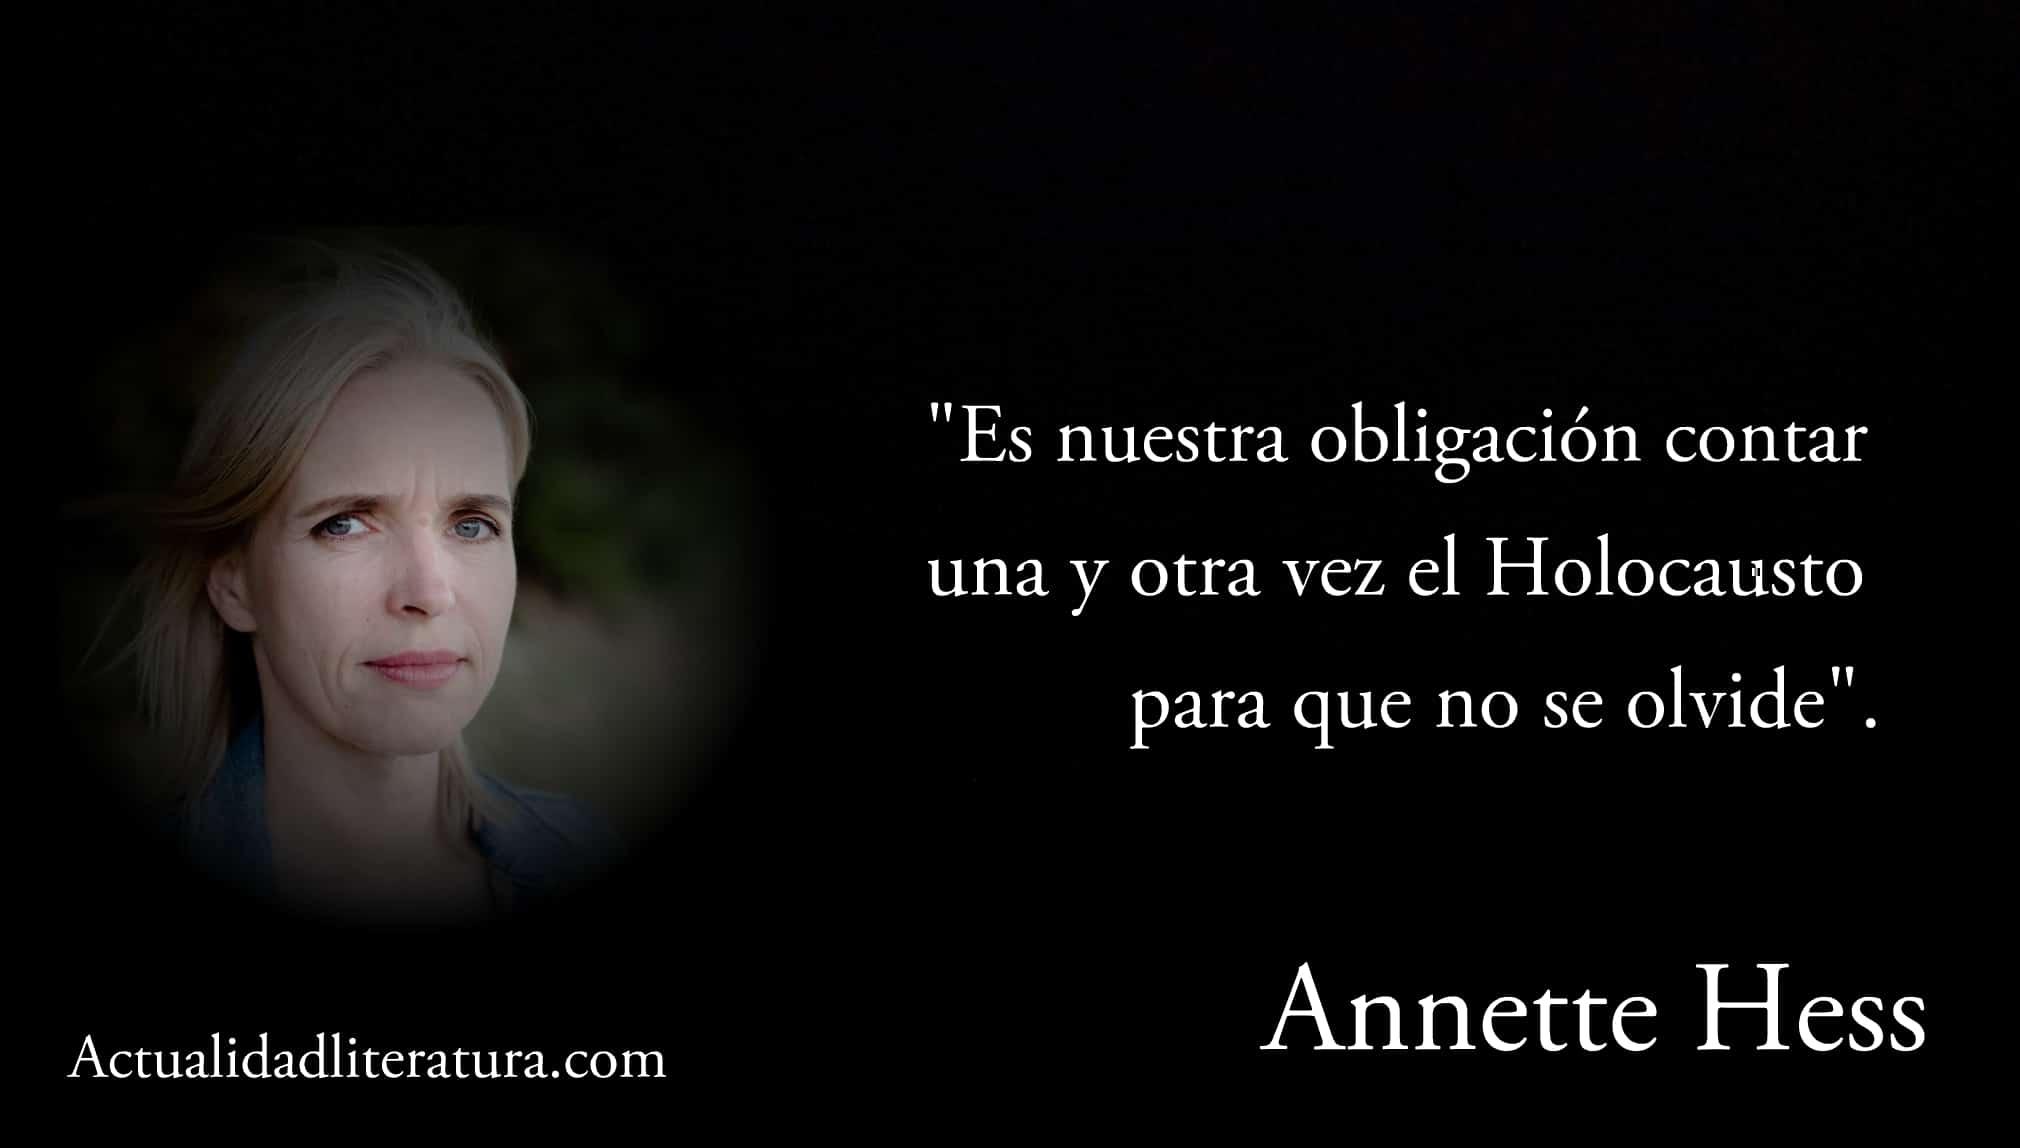 Frase de Annette Hess.